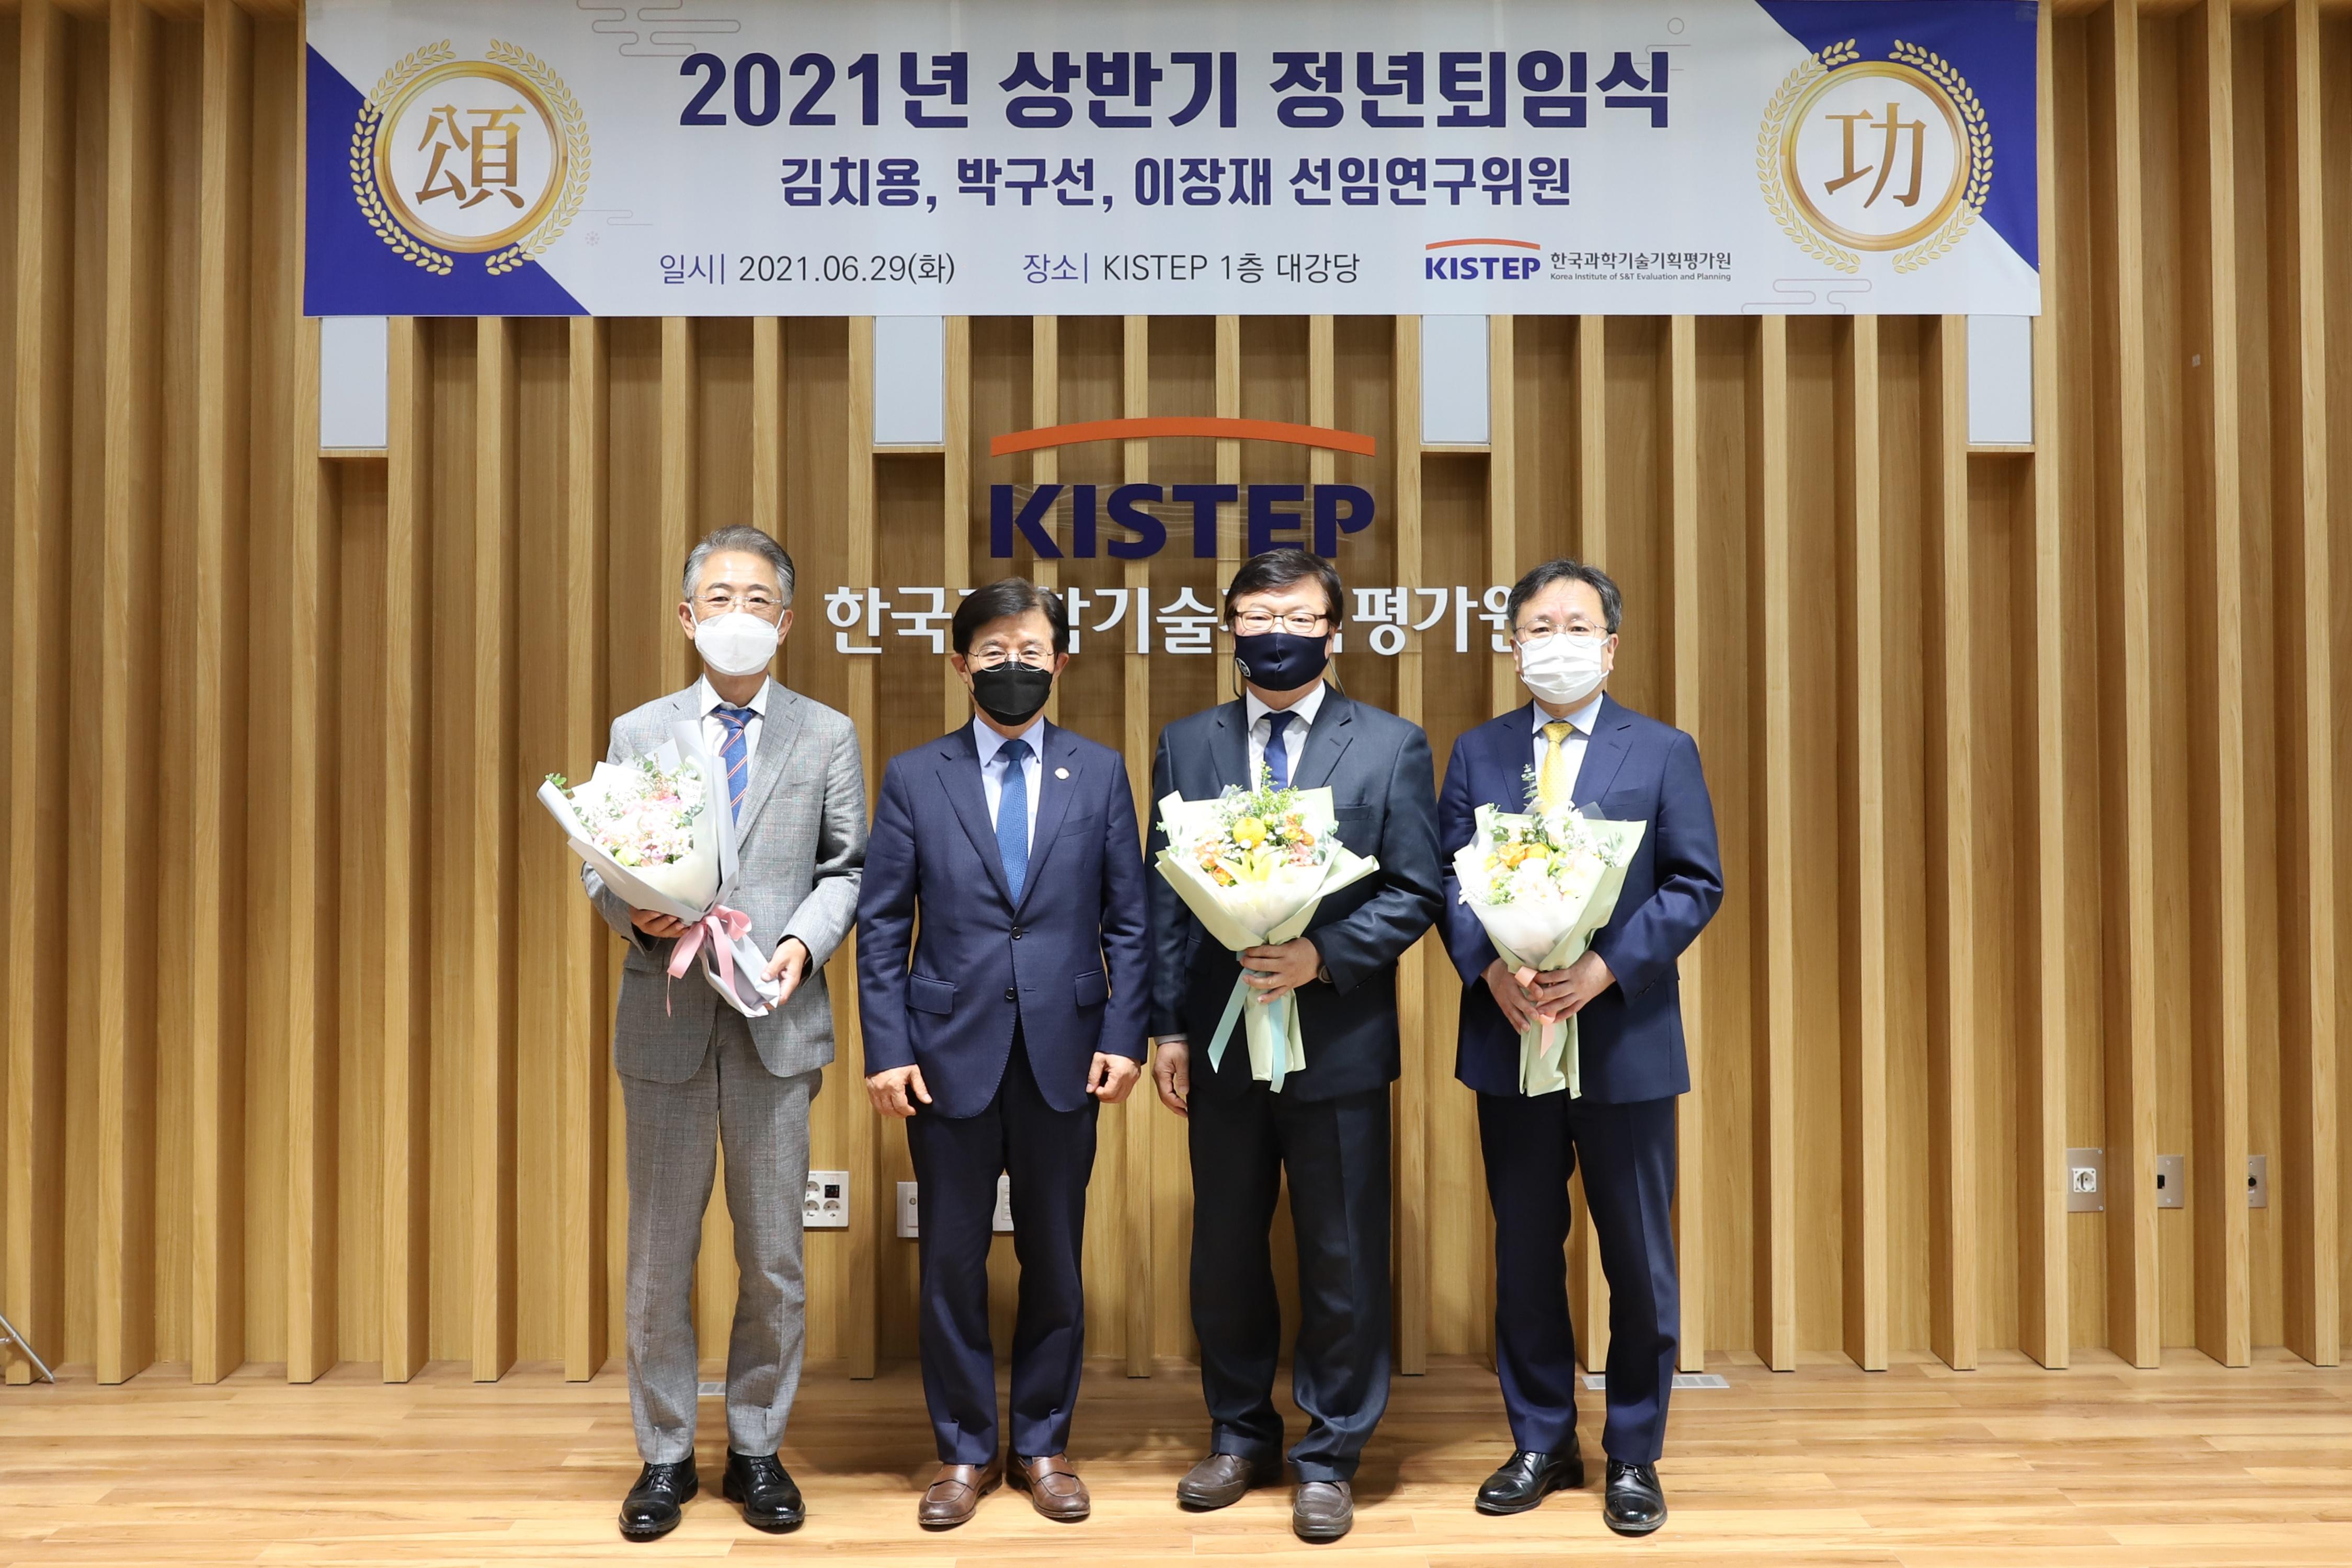 꽃다발을 수여받은 김치용,박구선,이장재 선임연구위원과 원장님